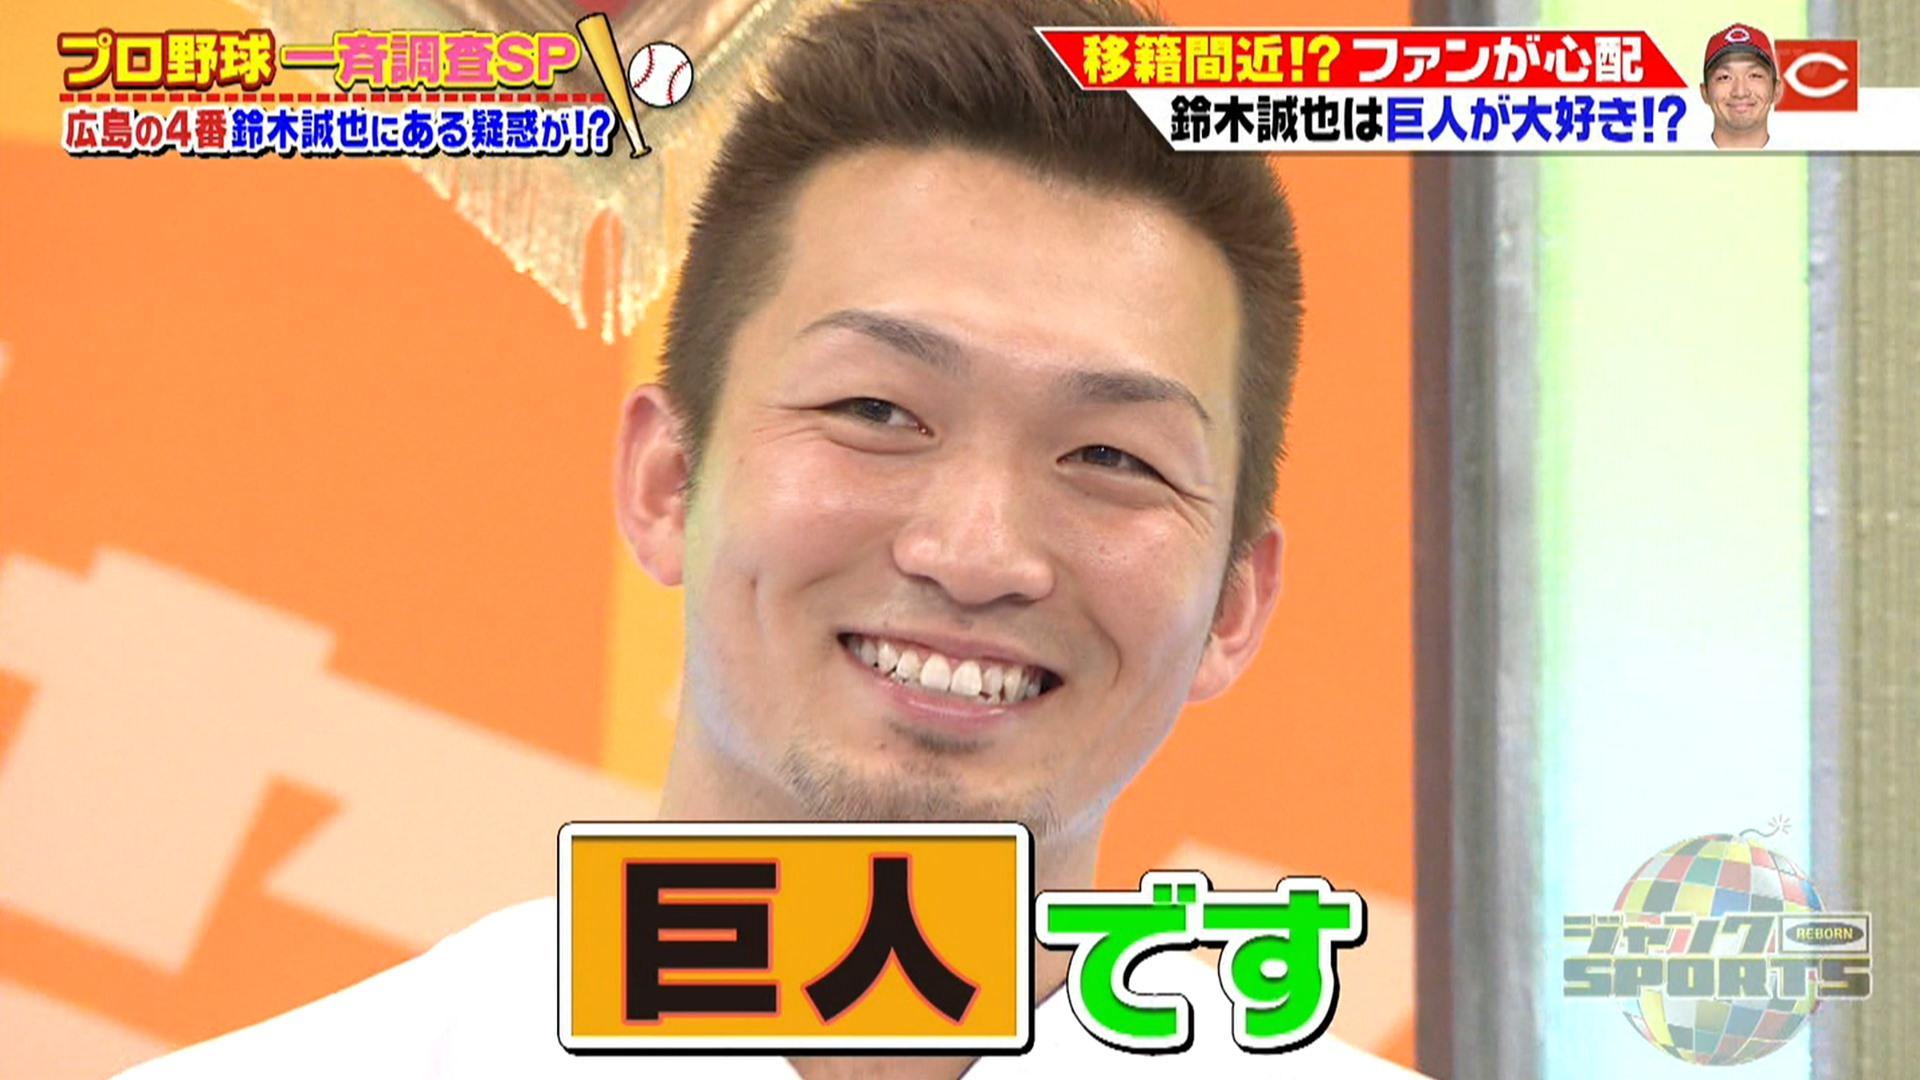 嫁 鈴木 誠也 広島・鈴木誠也 新春ぶっちゃけ激白「巨人・坂本さんと野球がしたい」